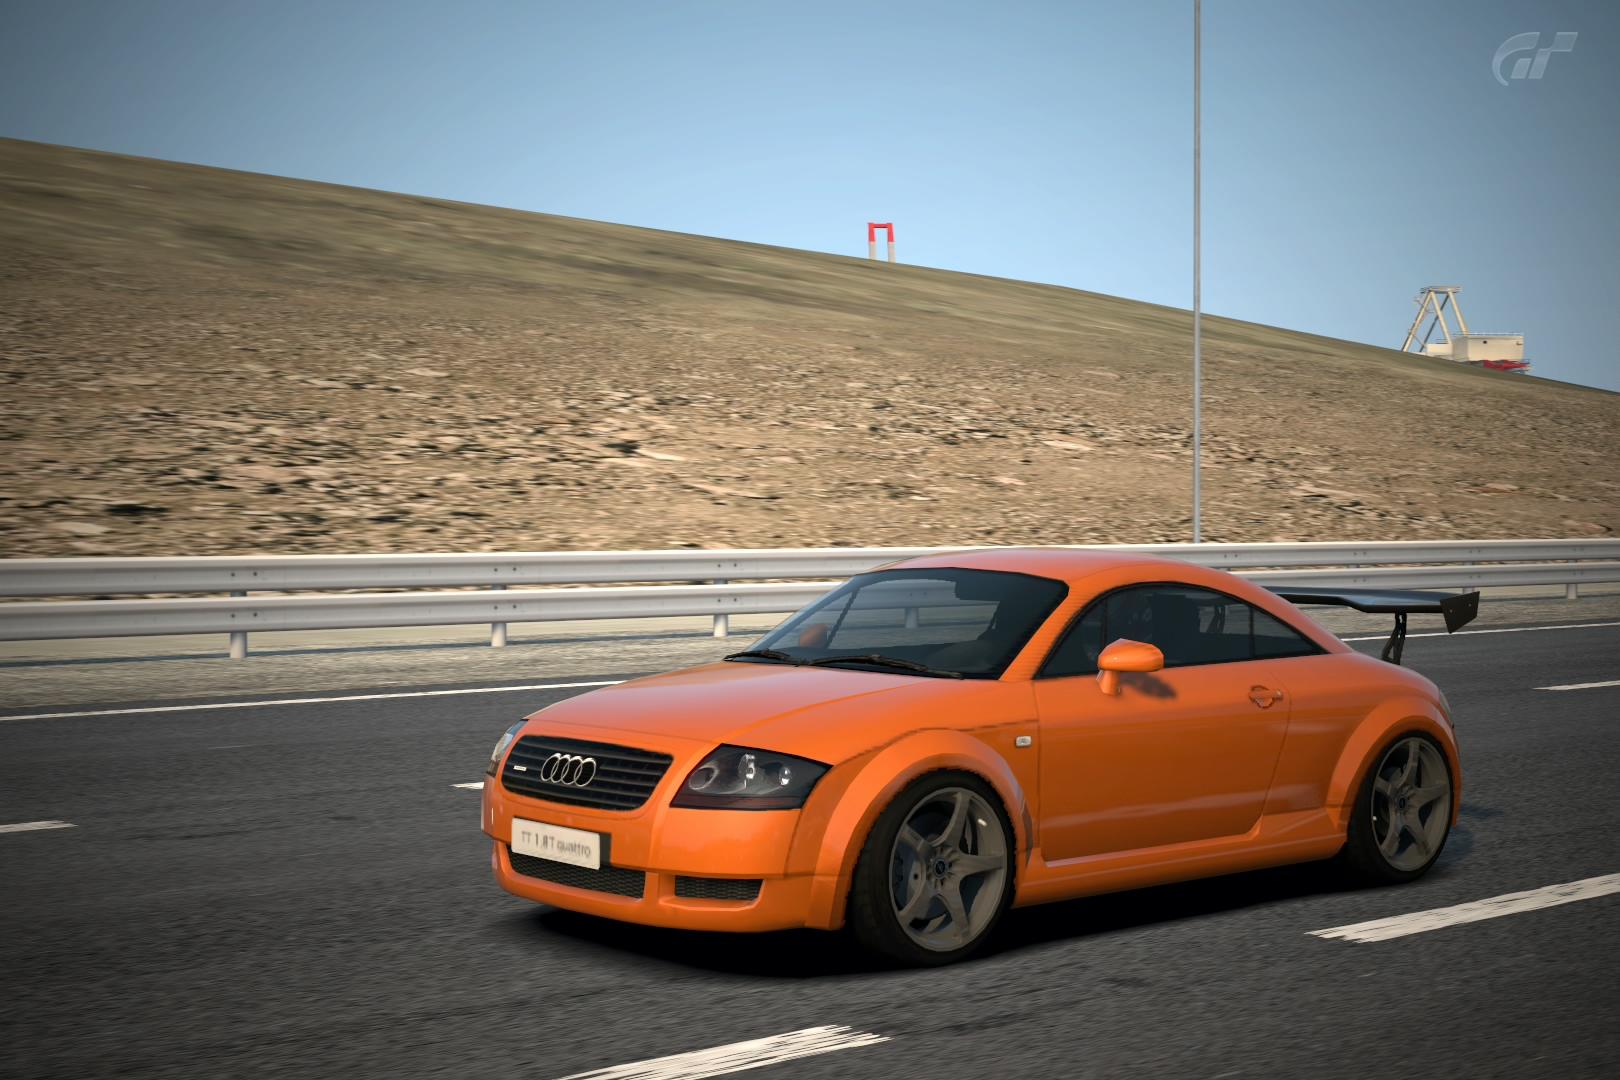 Kelebihan Kekurangan Audi Tt 1.8 T Quattro Perbandingan Harga